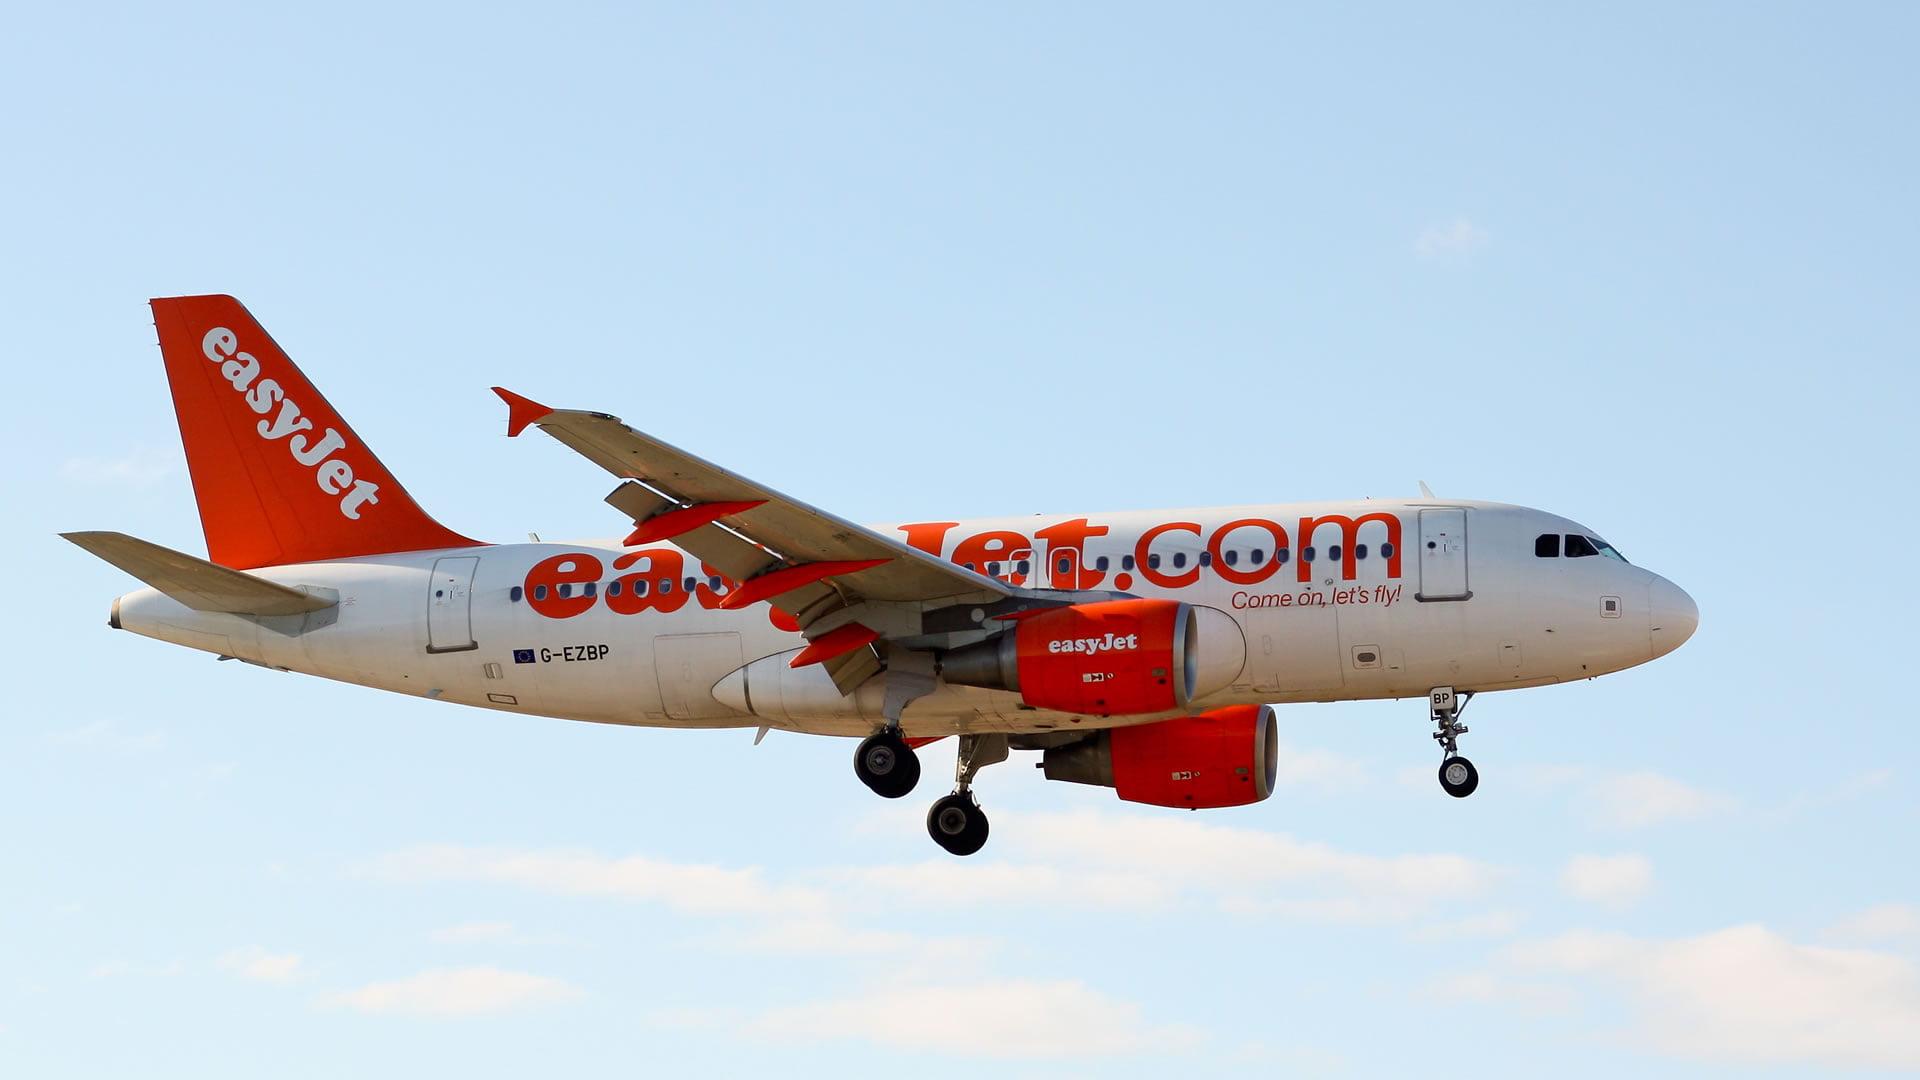 Aeronave de la compañía aérea easyJet